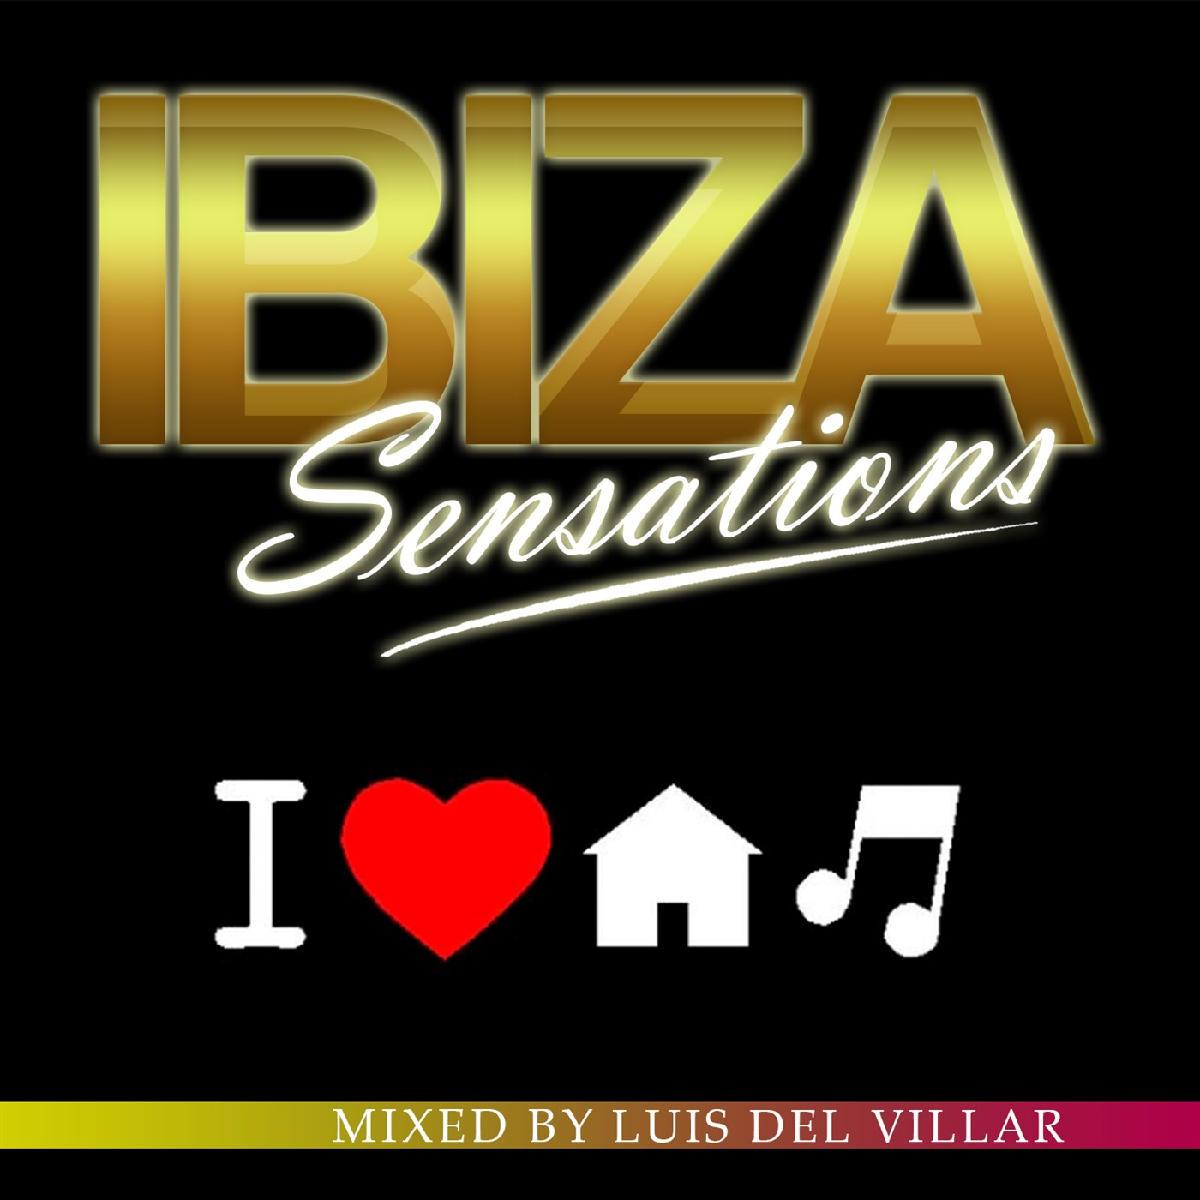 Ibiza Sensations 238 by Luis Del Villar